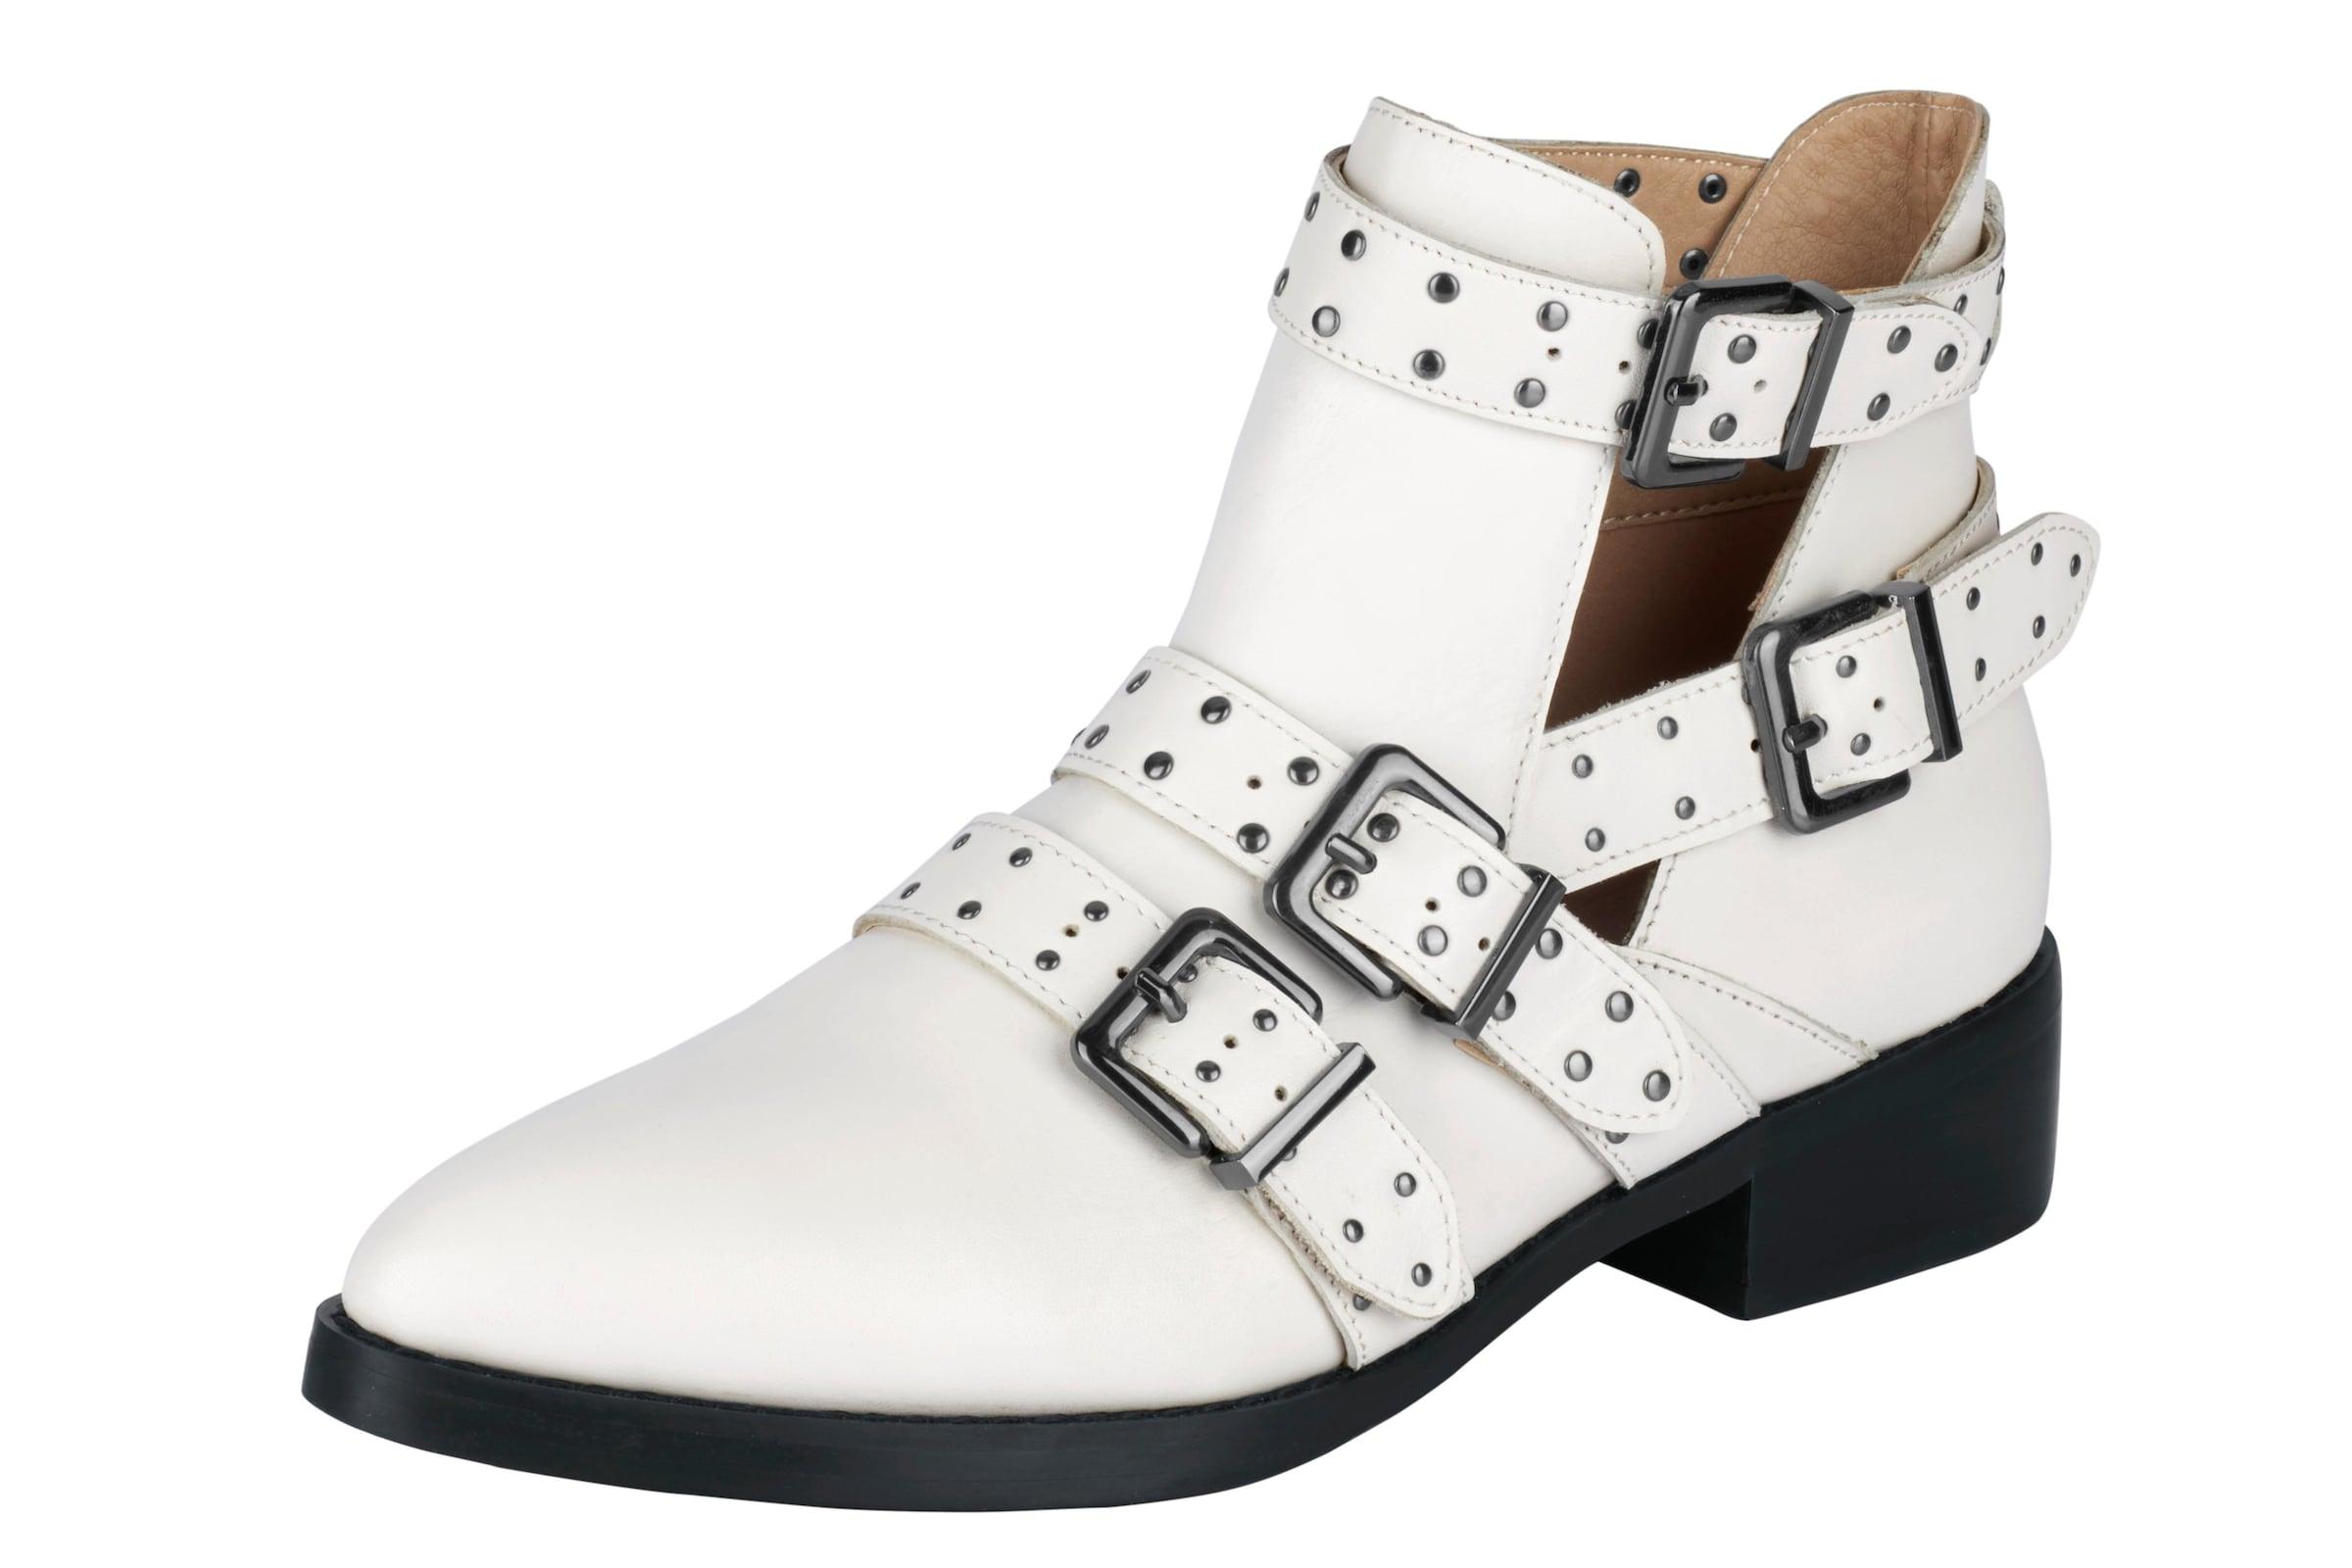 heine Stiefelette Verschleißfeste billige Schuhe Hohe Qualität